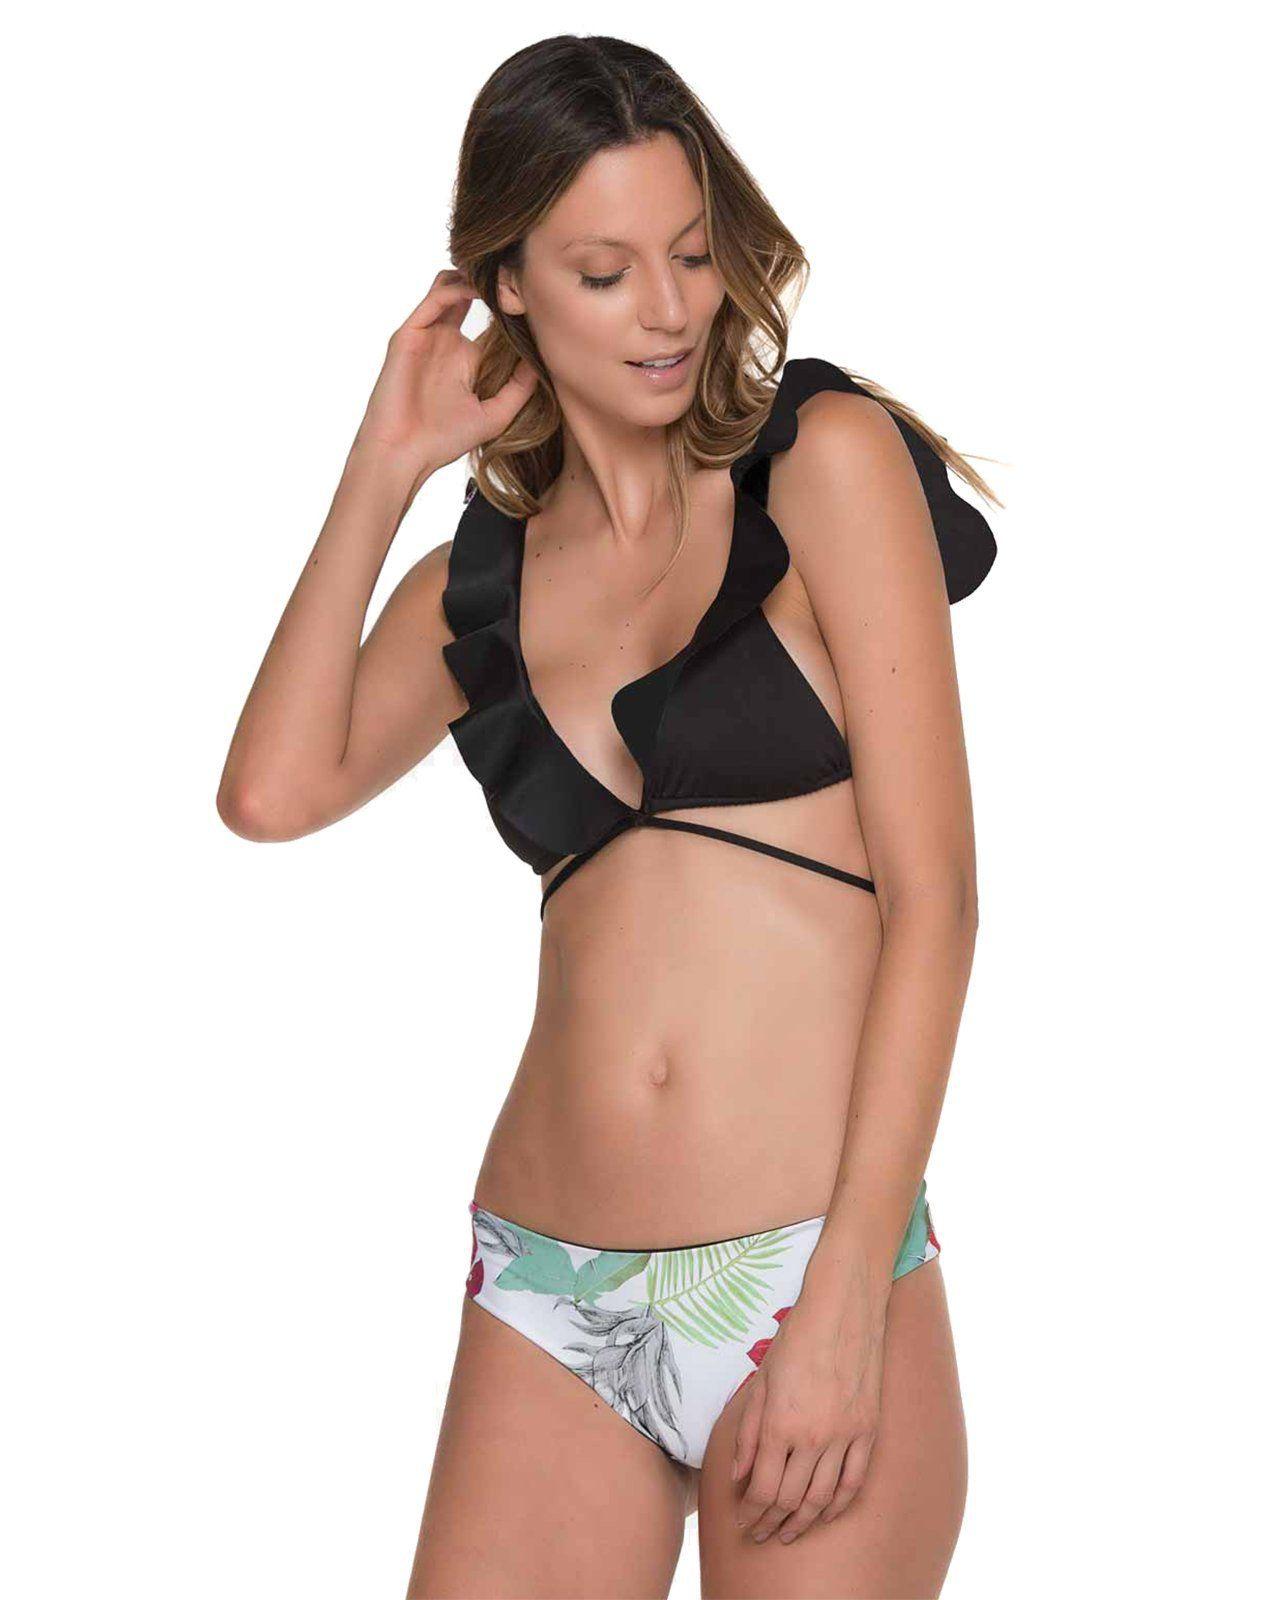 1e14a4092 Compre Womens Negro Blanco Con Volantes Wraparound Bikini Trajes De Dos  Piezas Estampado Floral Cintura Baja Traje De Baño Traje De Baño 2018 A  $14.88 Del ...